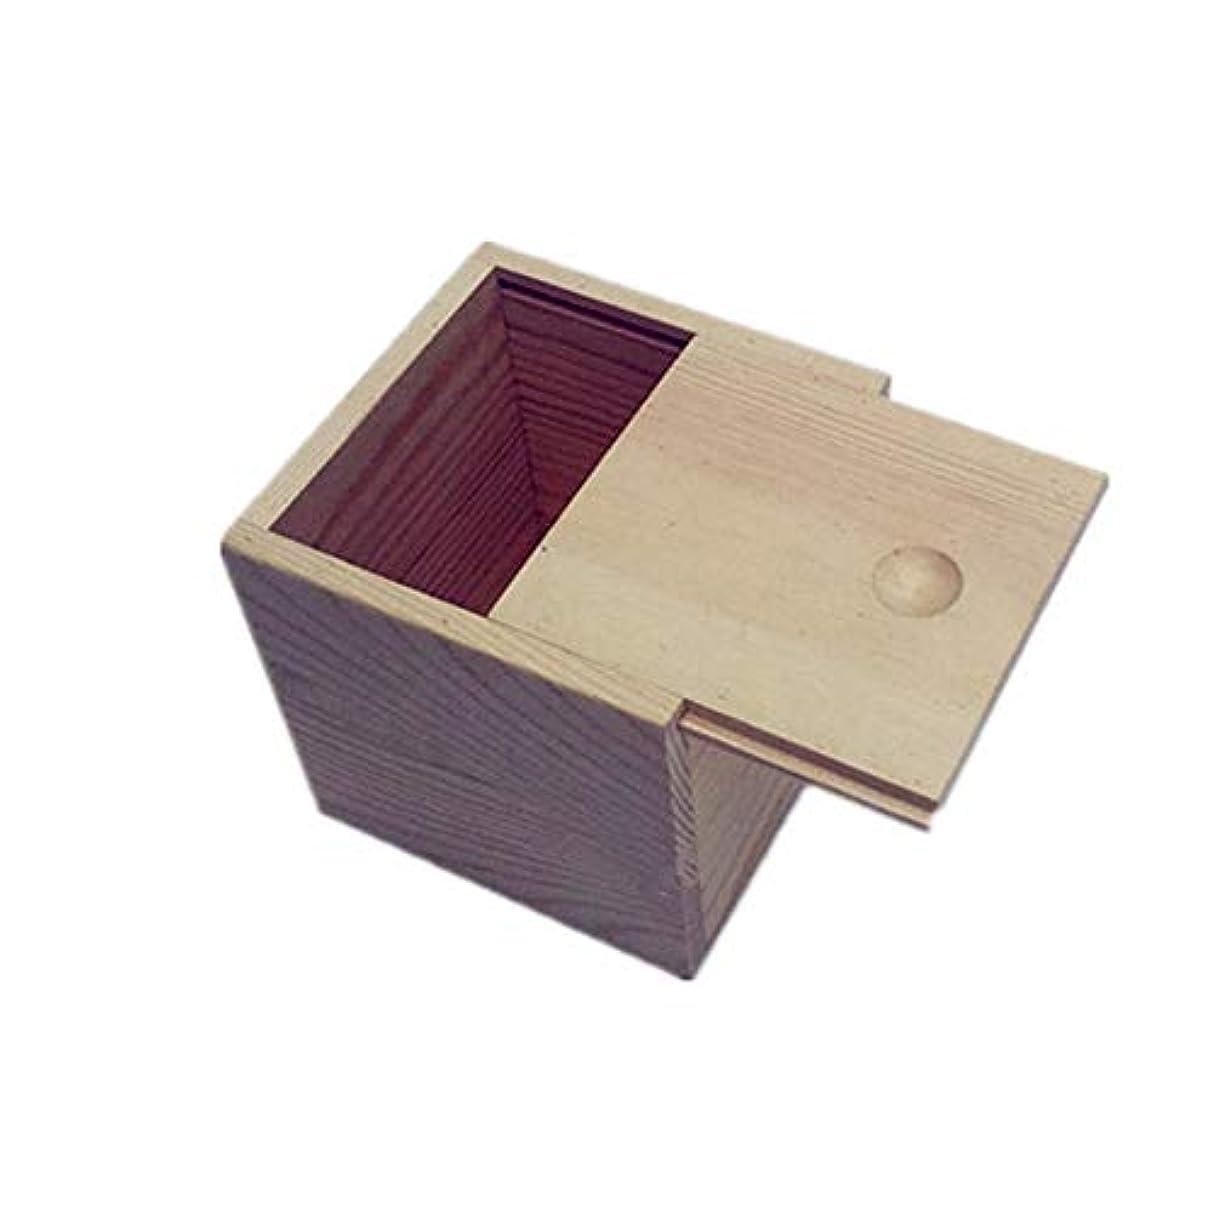 機関粘土安全でないエッセンシャルオイルストレージボックス 木製のエッセンシャルオイルストレージボックス安全なスペースセーバーあなたの油を維持するためのベスト 旅行およびプレゼンテーション用 (色 : Natural, サイズ : 9X9X5CM)